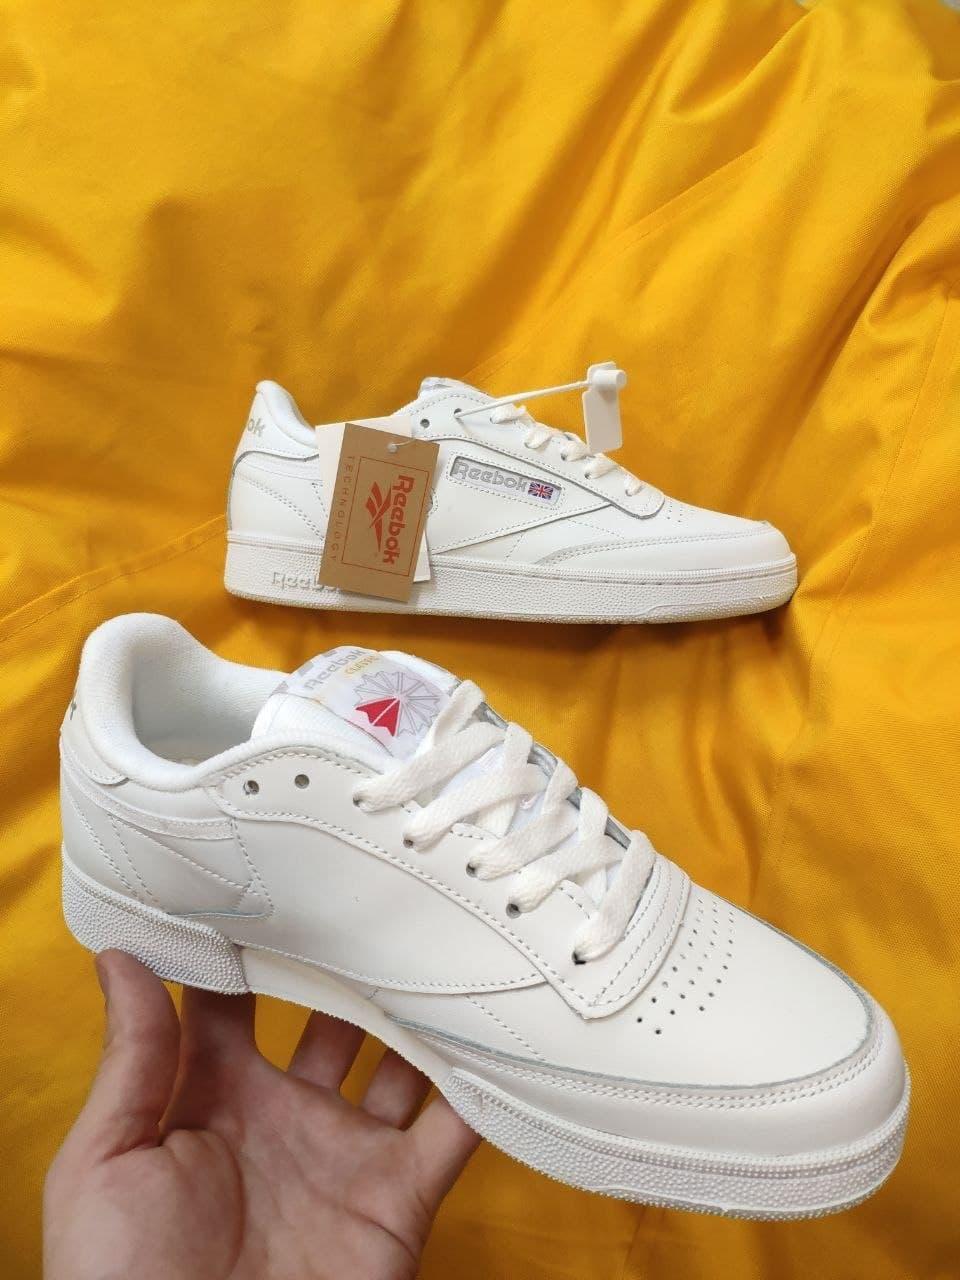 Мужские кроссовки Reebok Classic Club C (белые) D96 стильные спортивные кроссы